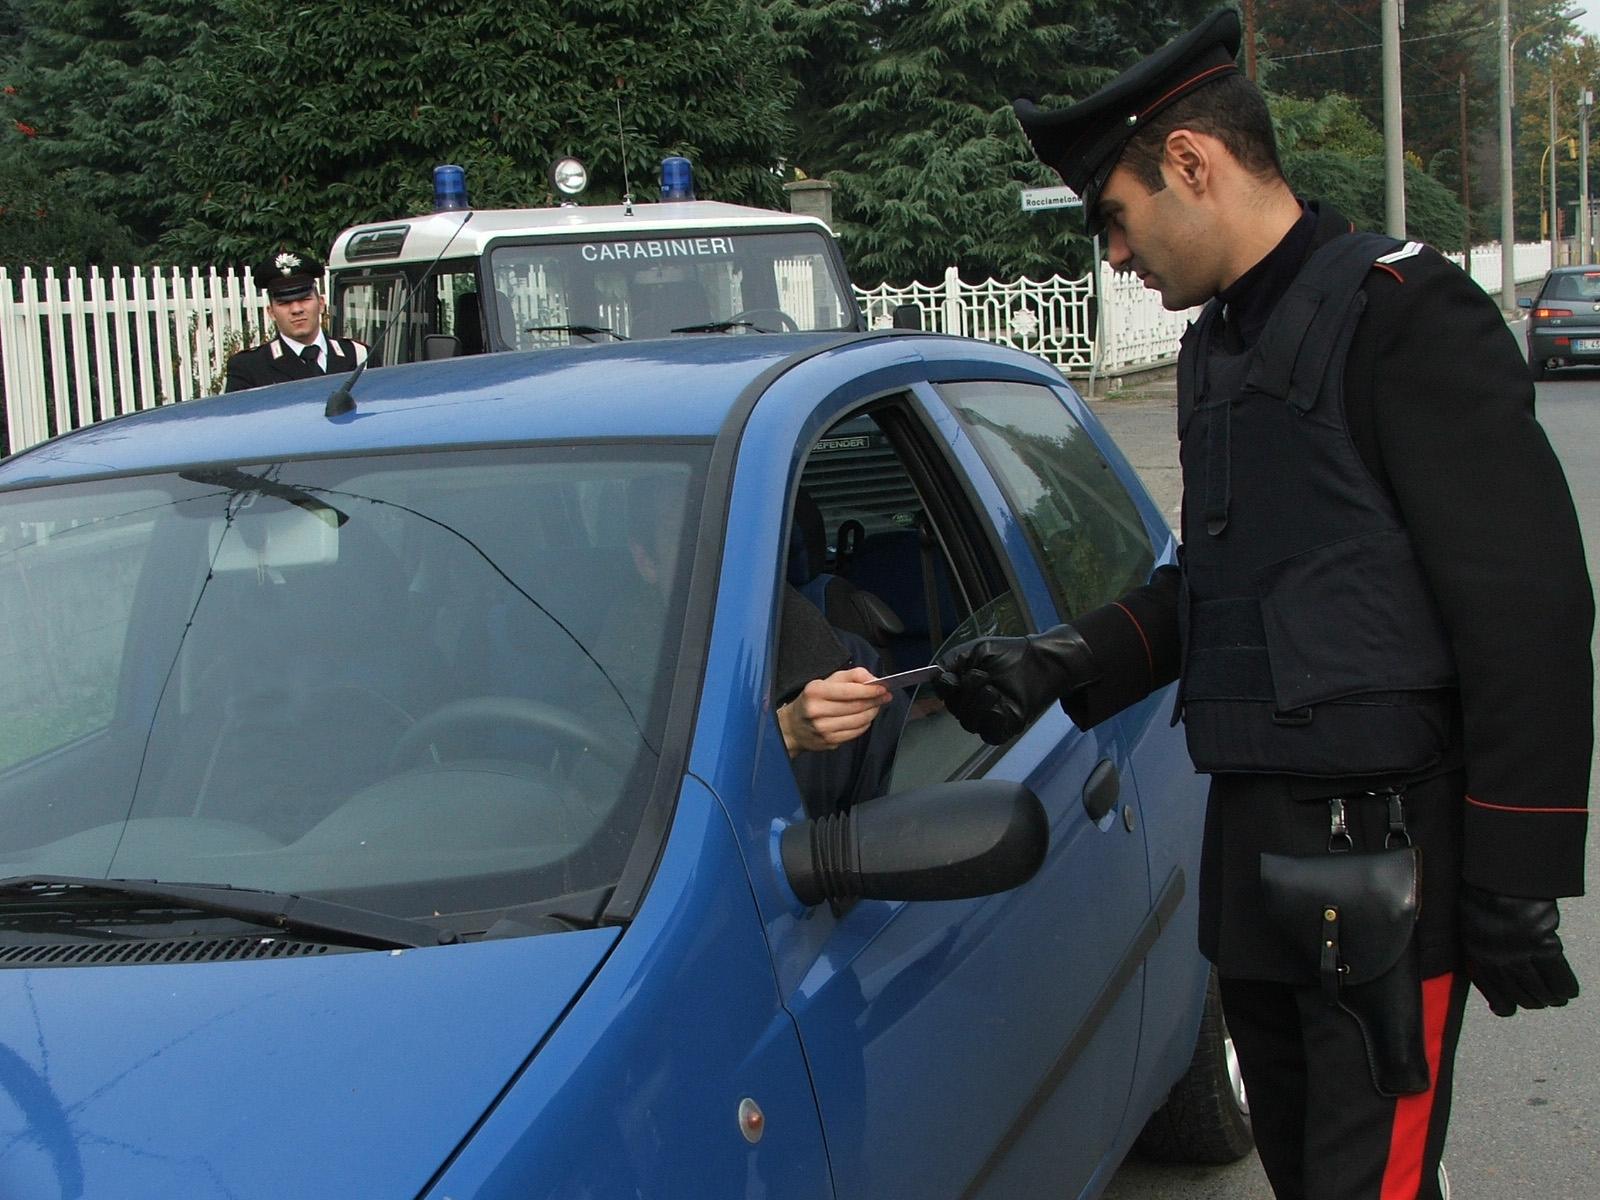 CHIVASSO - Finti furti d'auto: i carabinieri denunciano meccanico